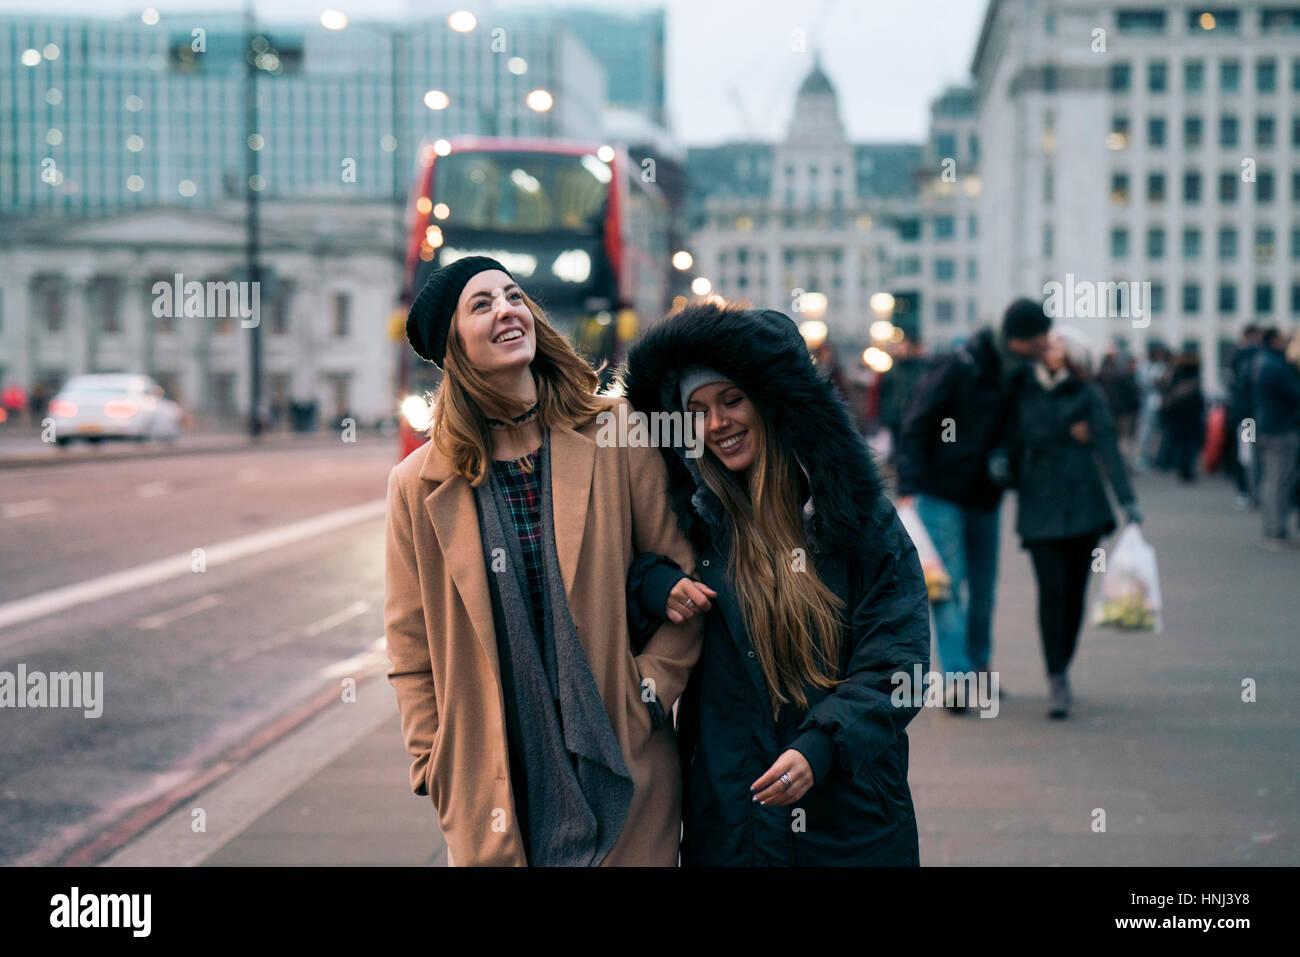 Amici di sorridere camminando sulla strada in città Foto Stock